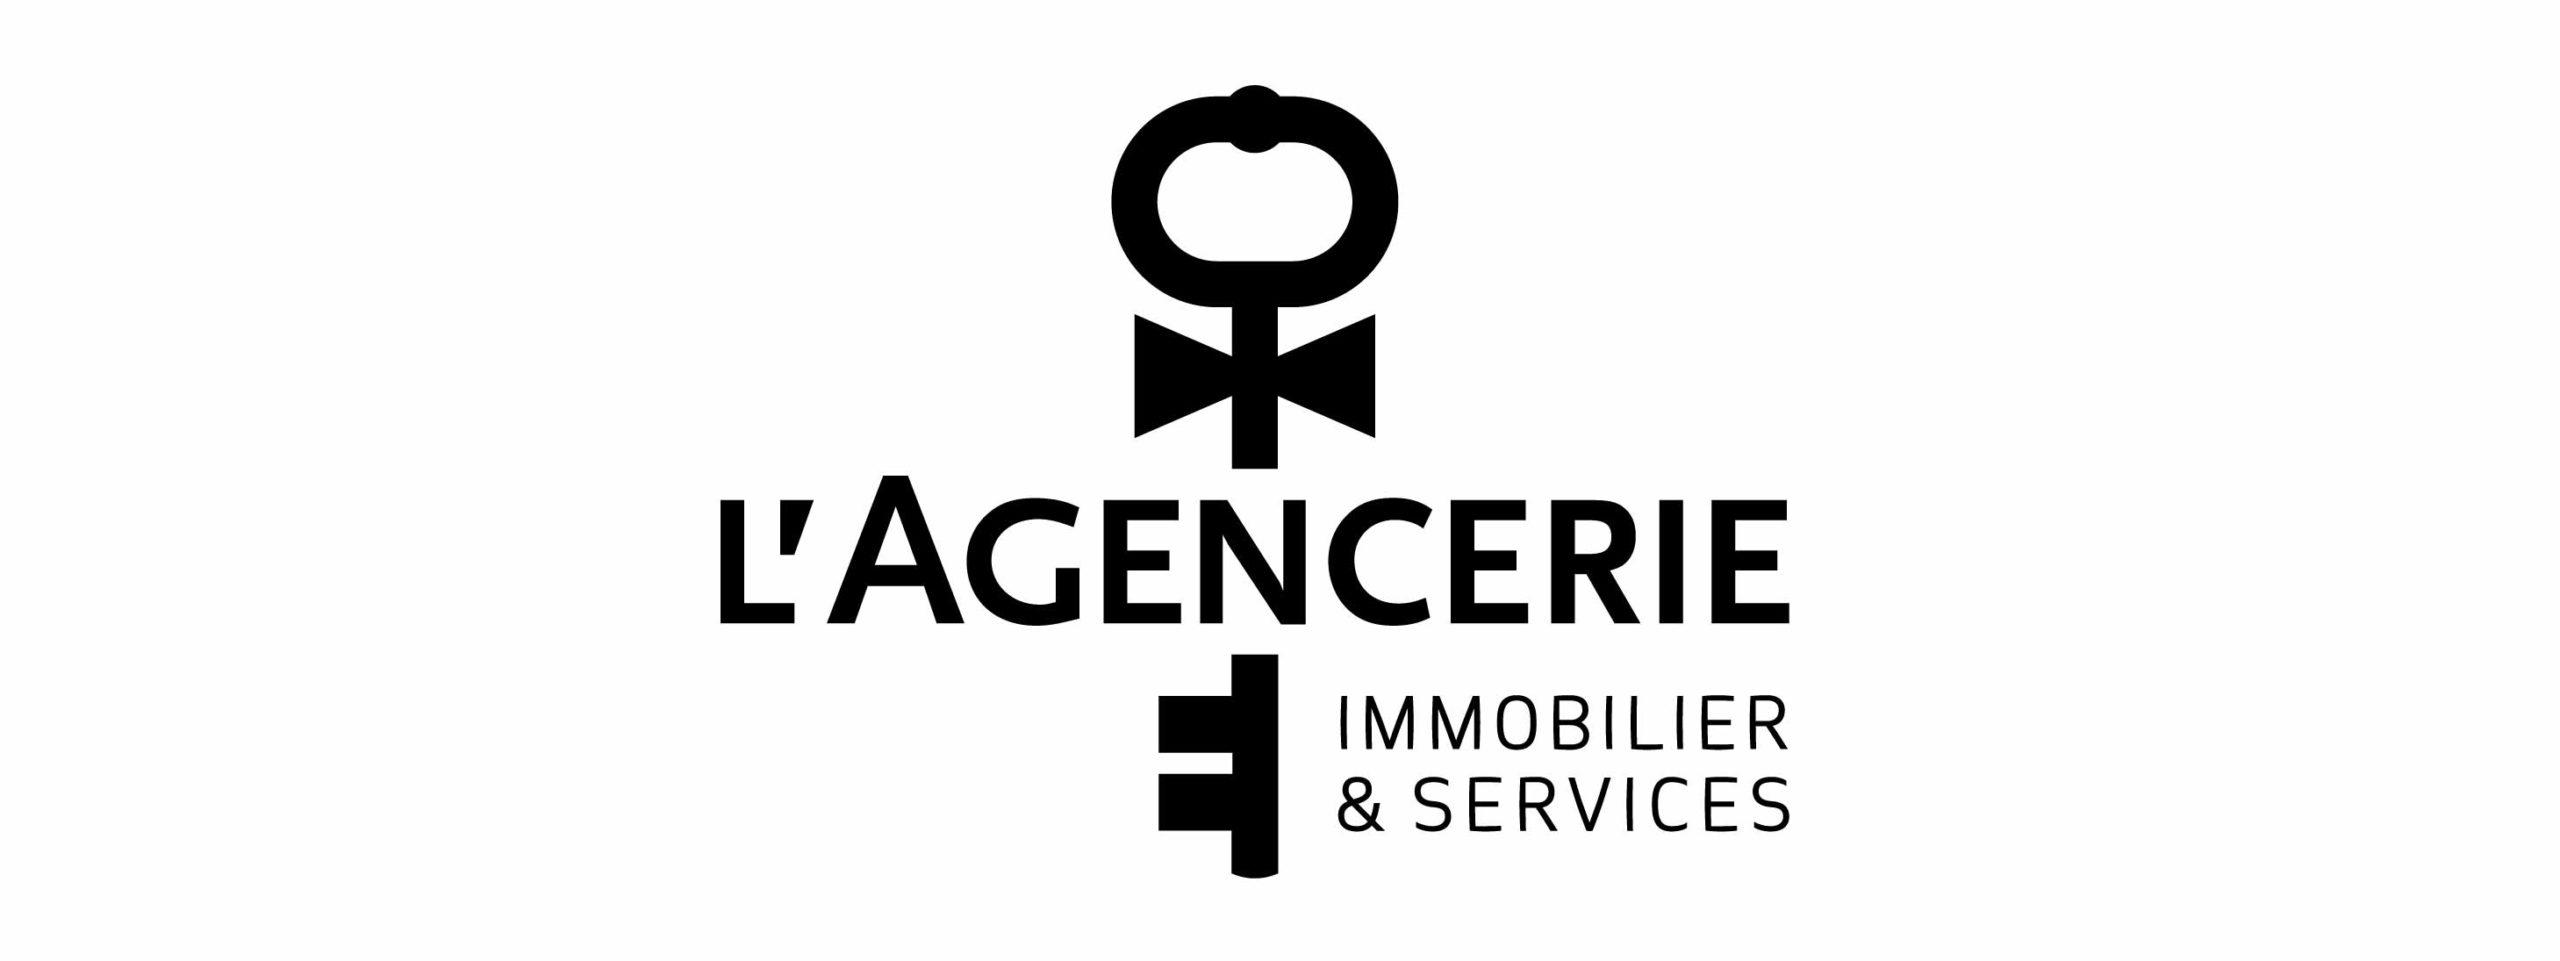 Logotype de l'agence immobilière albigeoise l'Agencerie